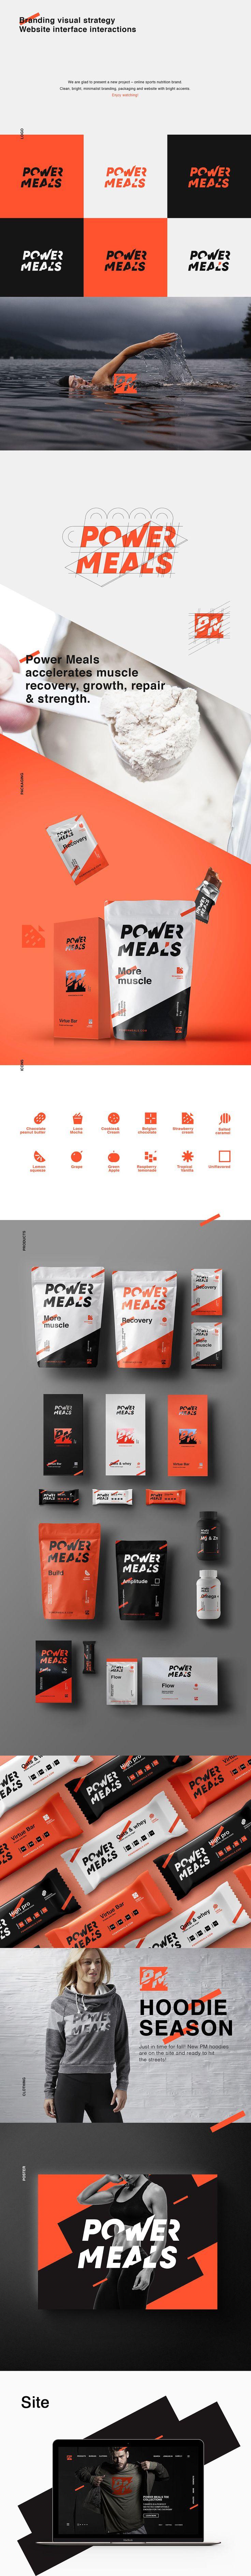 """Consulta este proyecto @Behance: """"Power Meals"""" https://www.behance.net/gallery/43196329/Power-Meals"""